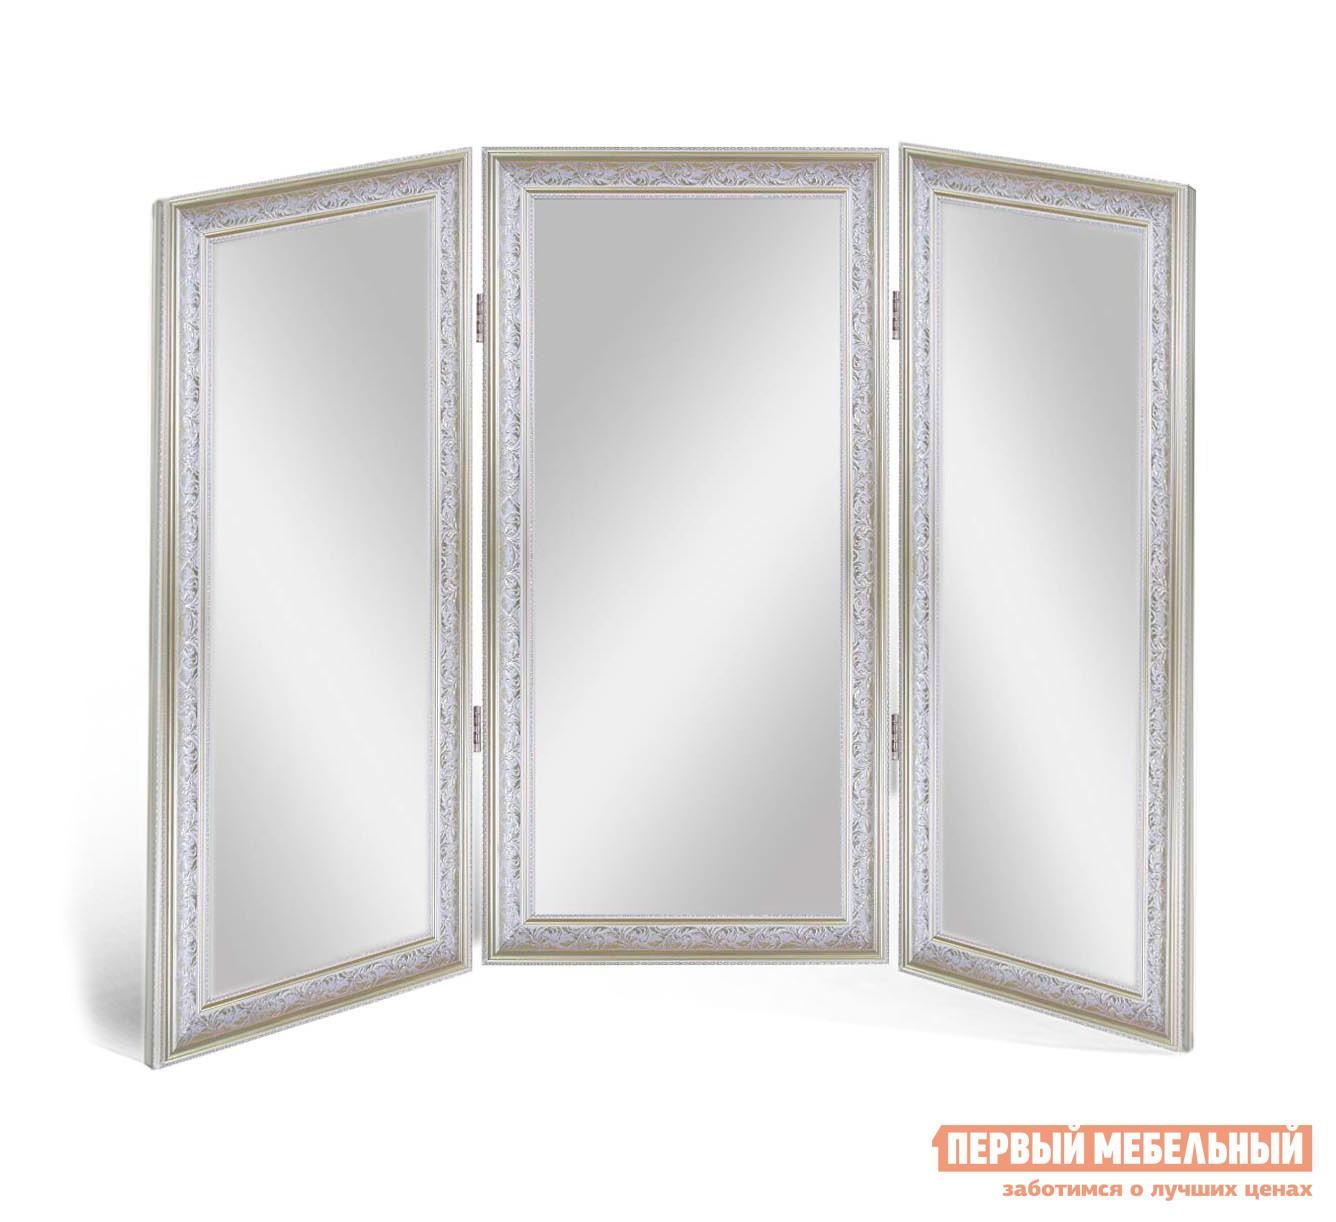 Напольное зеркало ZerkaloStudio Трельяж Мерибель (112.OAC.200np)